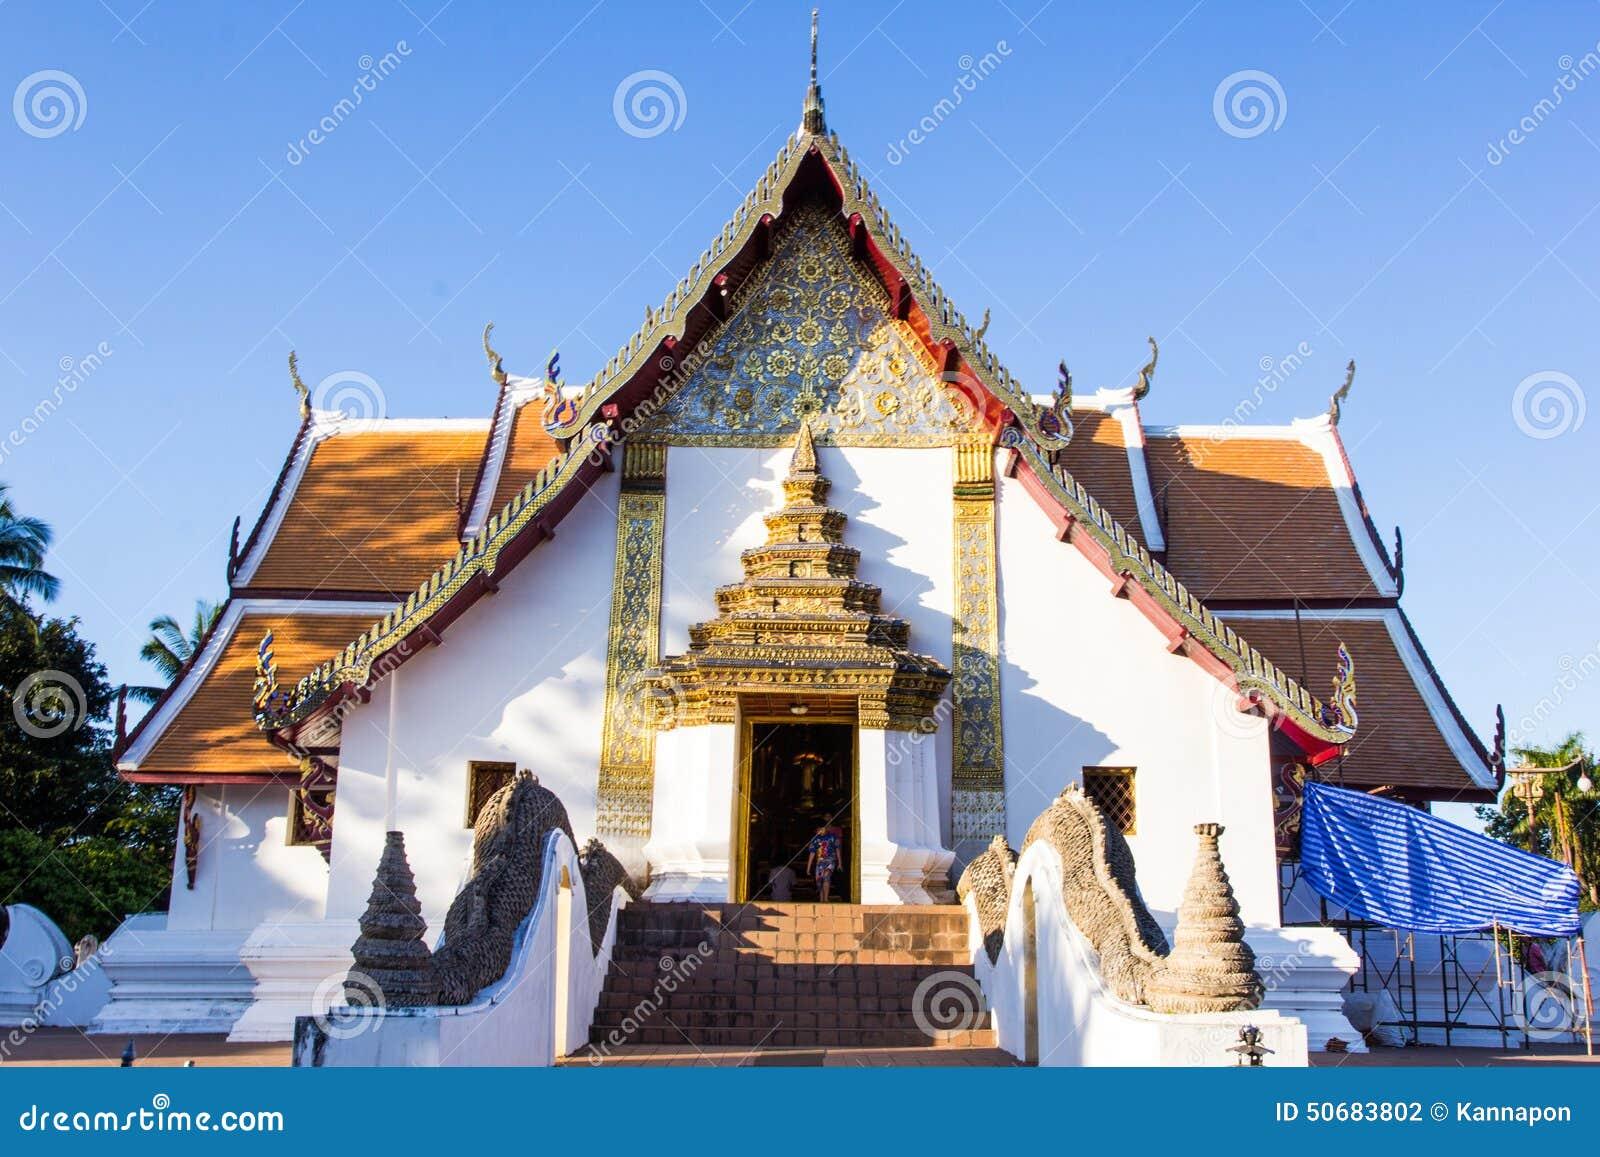 Download Wat Phumin佛教寺庙在南,泰国 库存照片. 图片 包括有 旅行, 大厅, 的btu, 泰国, 地标 - 50683802